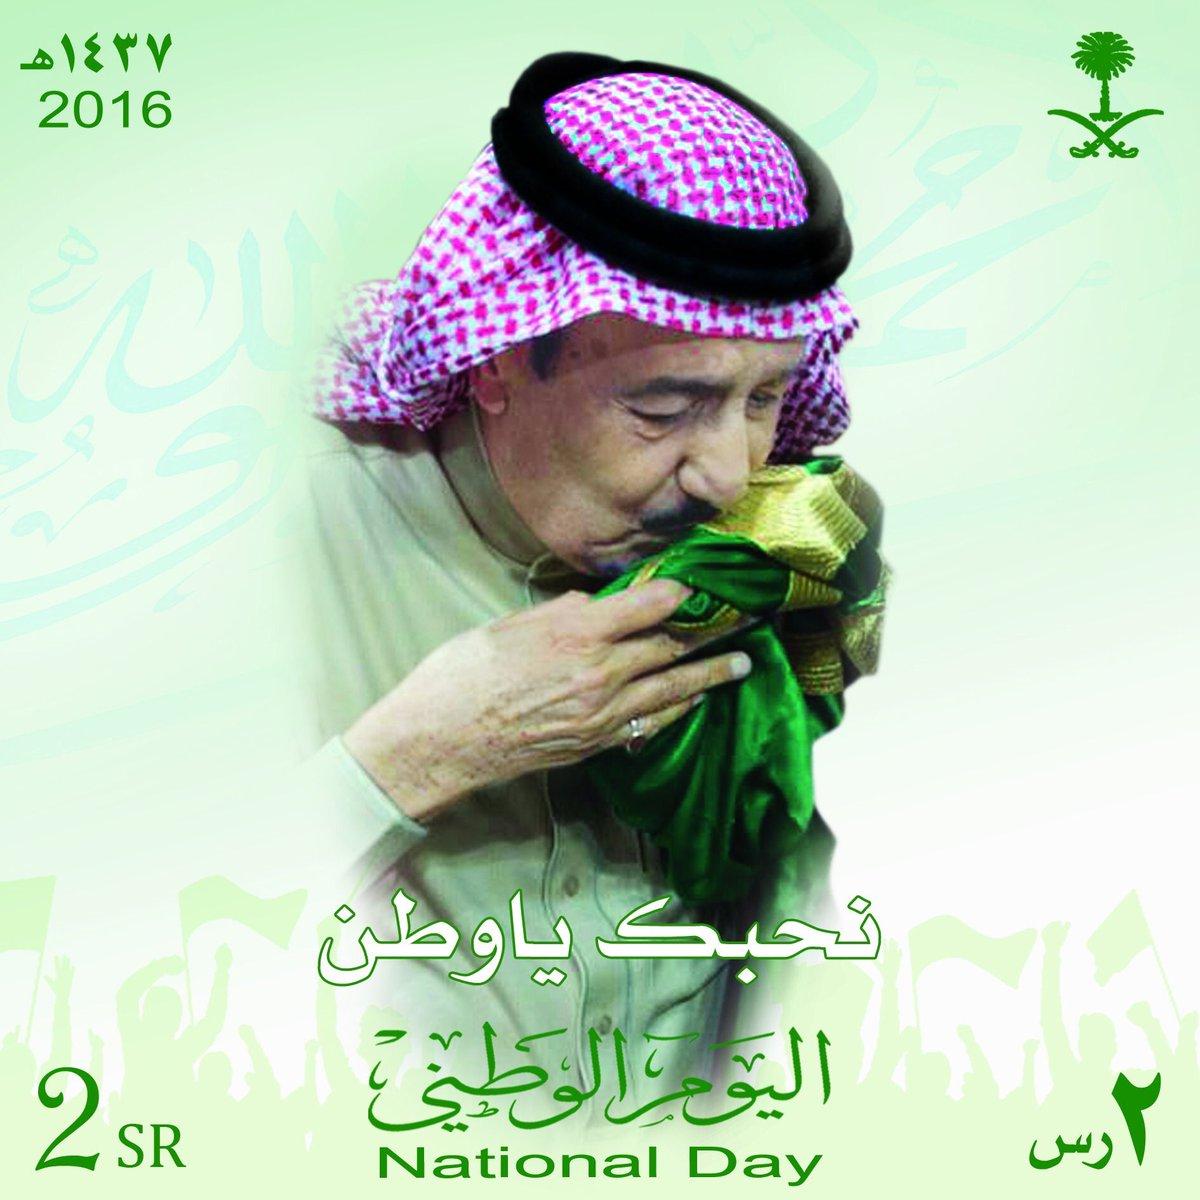 اليوم الوطني المملكه العربيه السعوديه